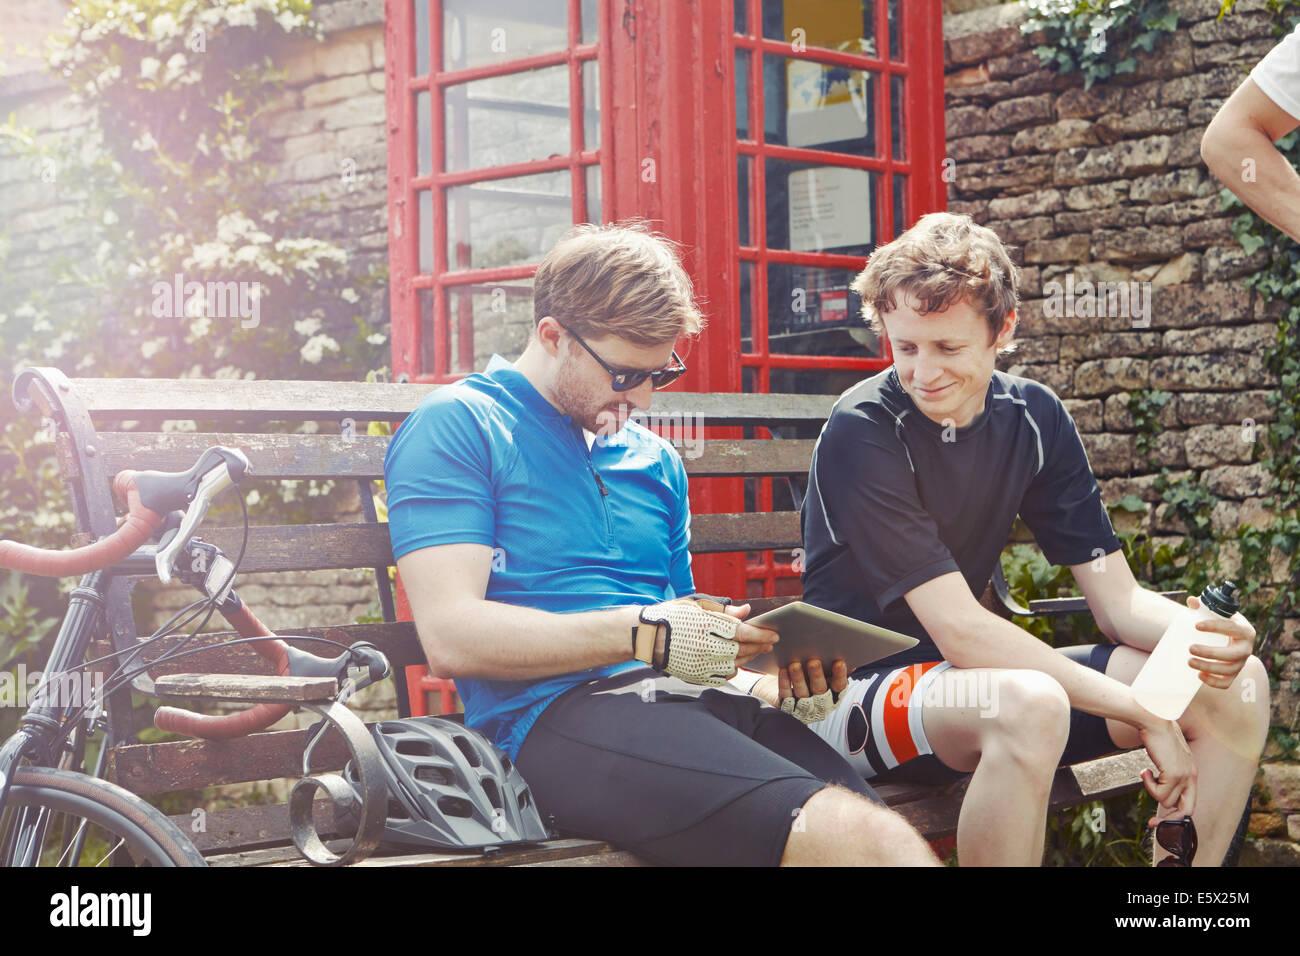 Los ciclistas utilizando digital comprimido por teléfono rojo cuadro, Cotswolds, REINO UNIDO Imagen De Stock